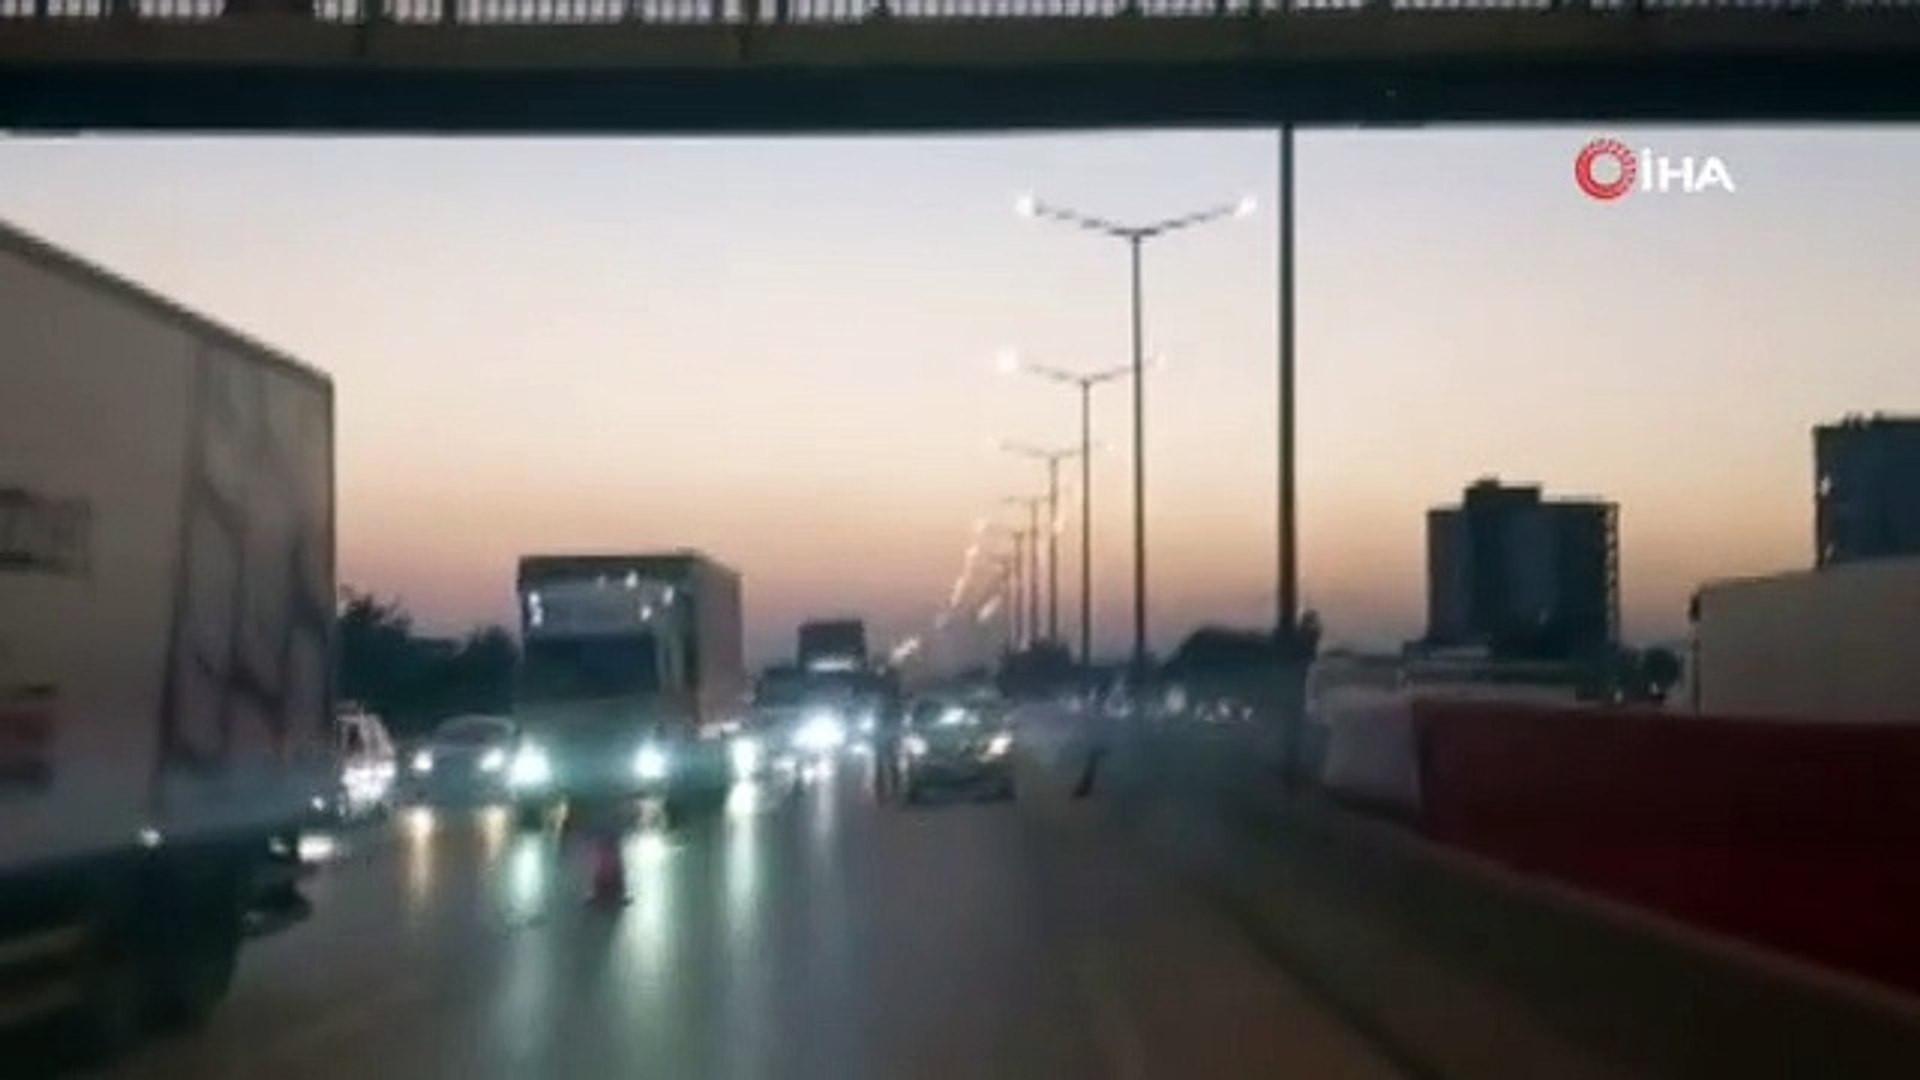 Korku dolu anlar! 17 yaşındaki genç sevgilisi terk ettiği için otoyol köprüsünden atladı